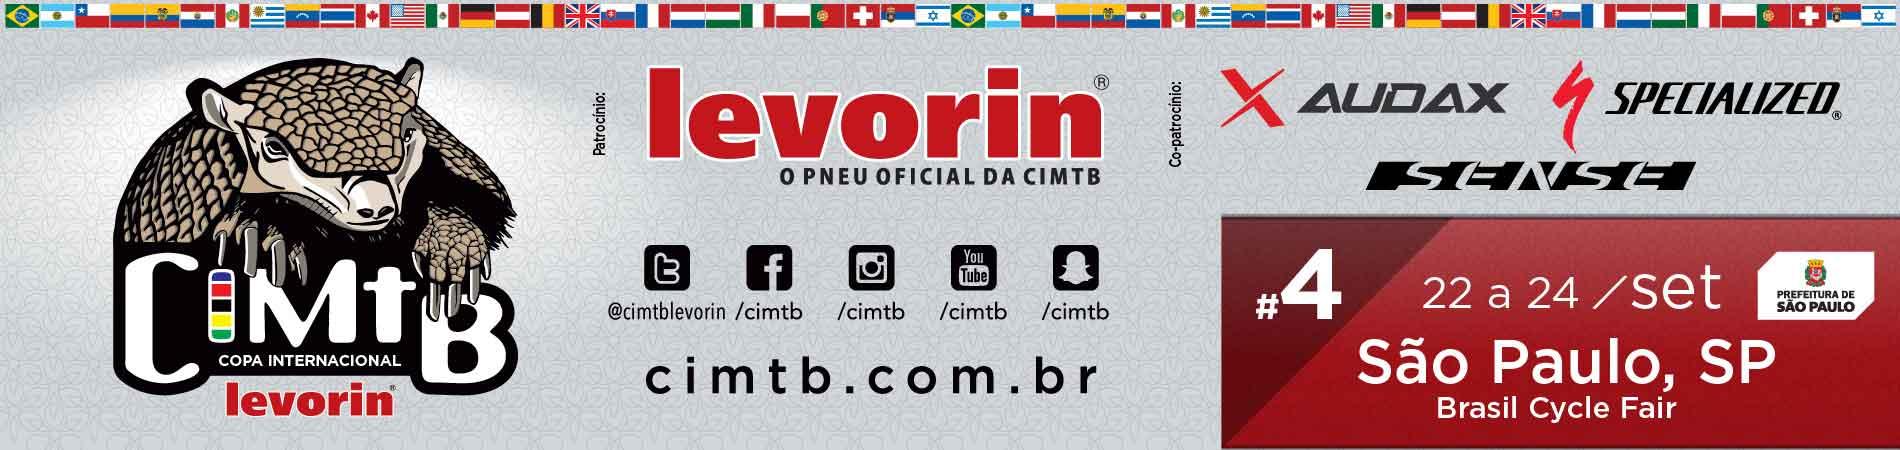 COPA INTERNACIONAL LEVORIN DE MTB - XCO E XCC SÃO PAULO - Imagem de topo